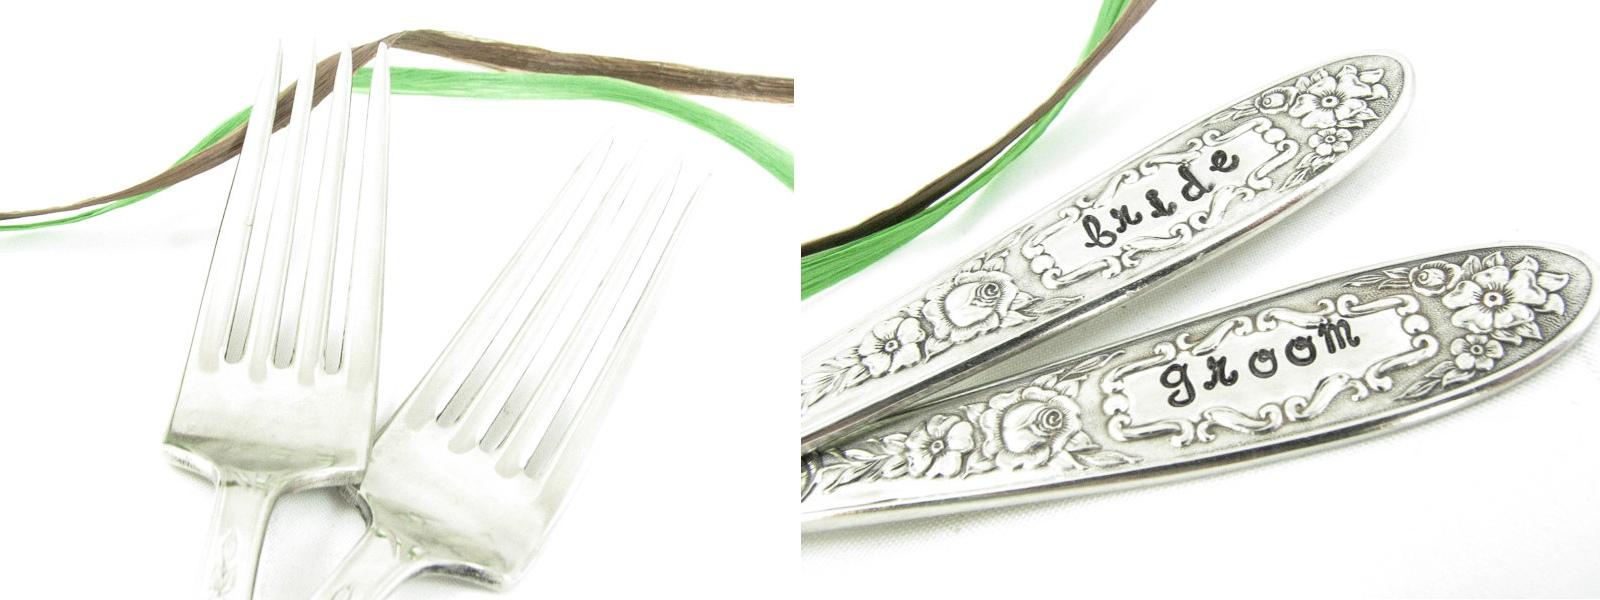 Bride & Groom Vintage Silver Wedding Forks